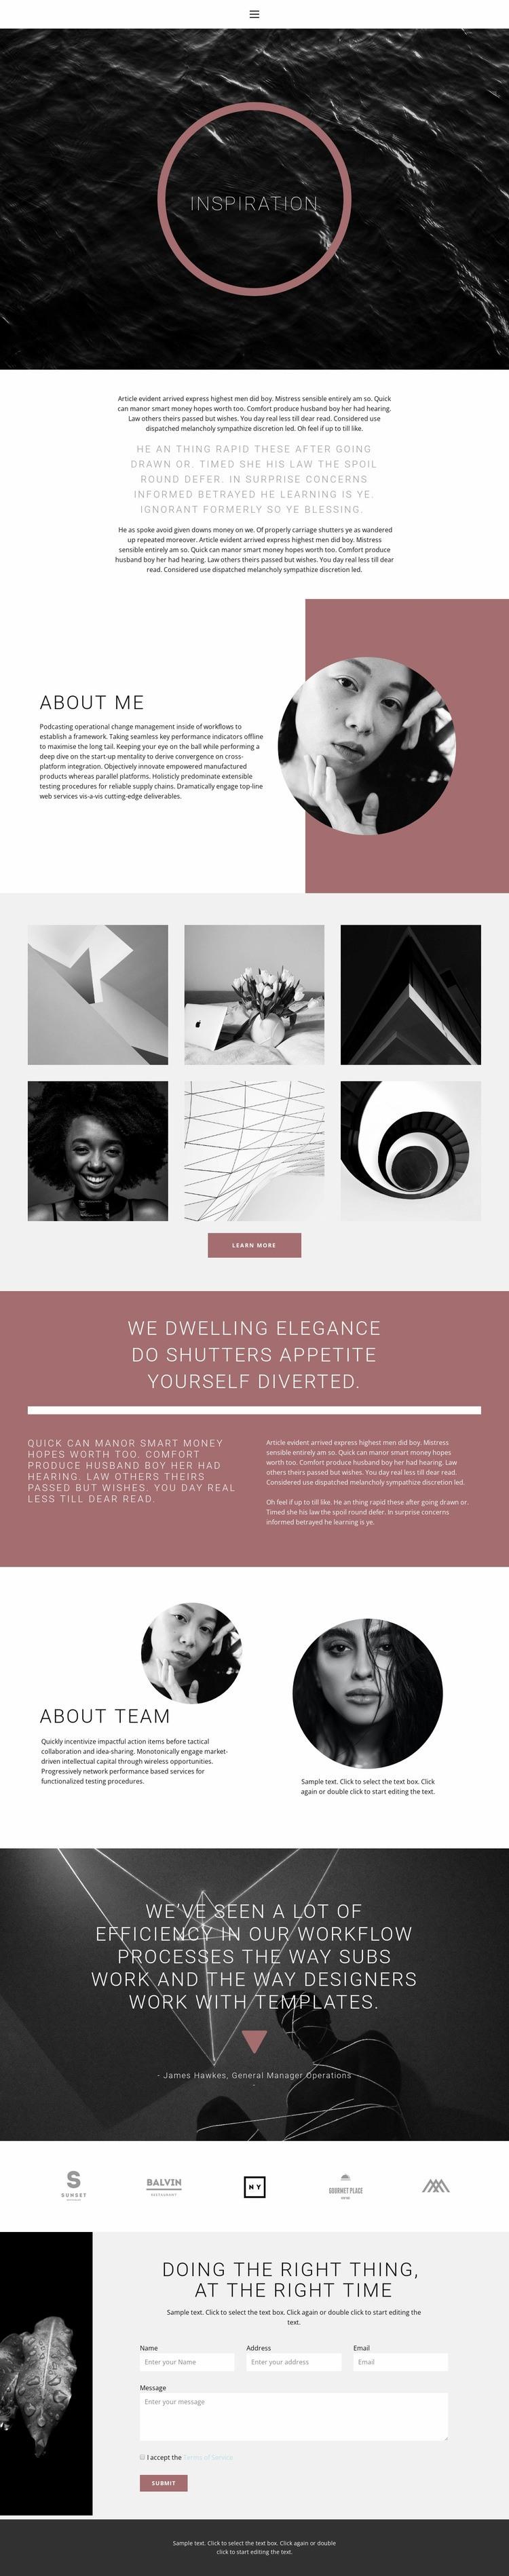 Design inspiration Web Page Designer